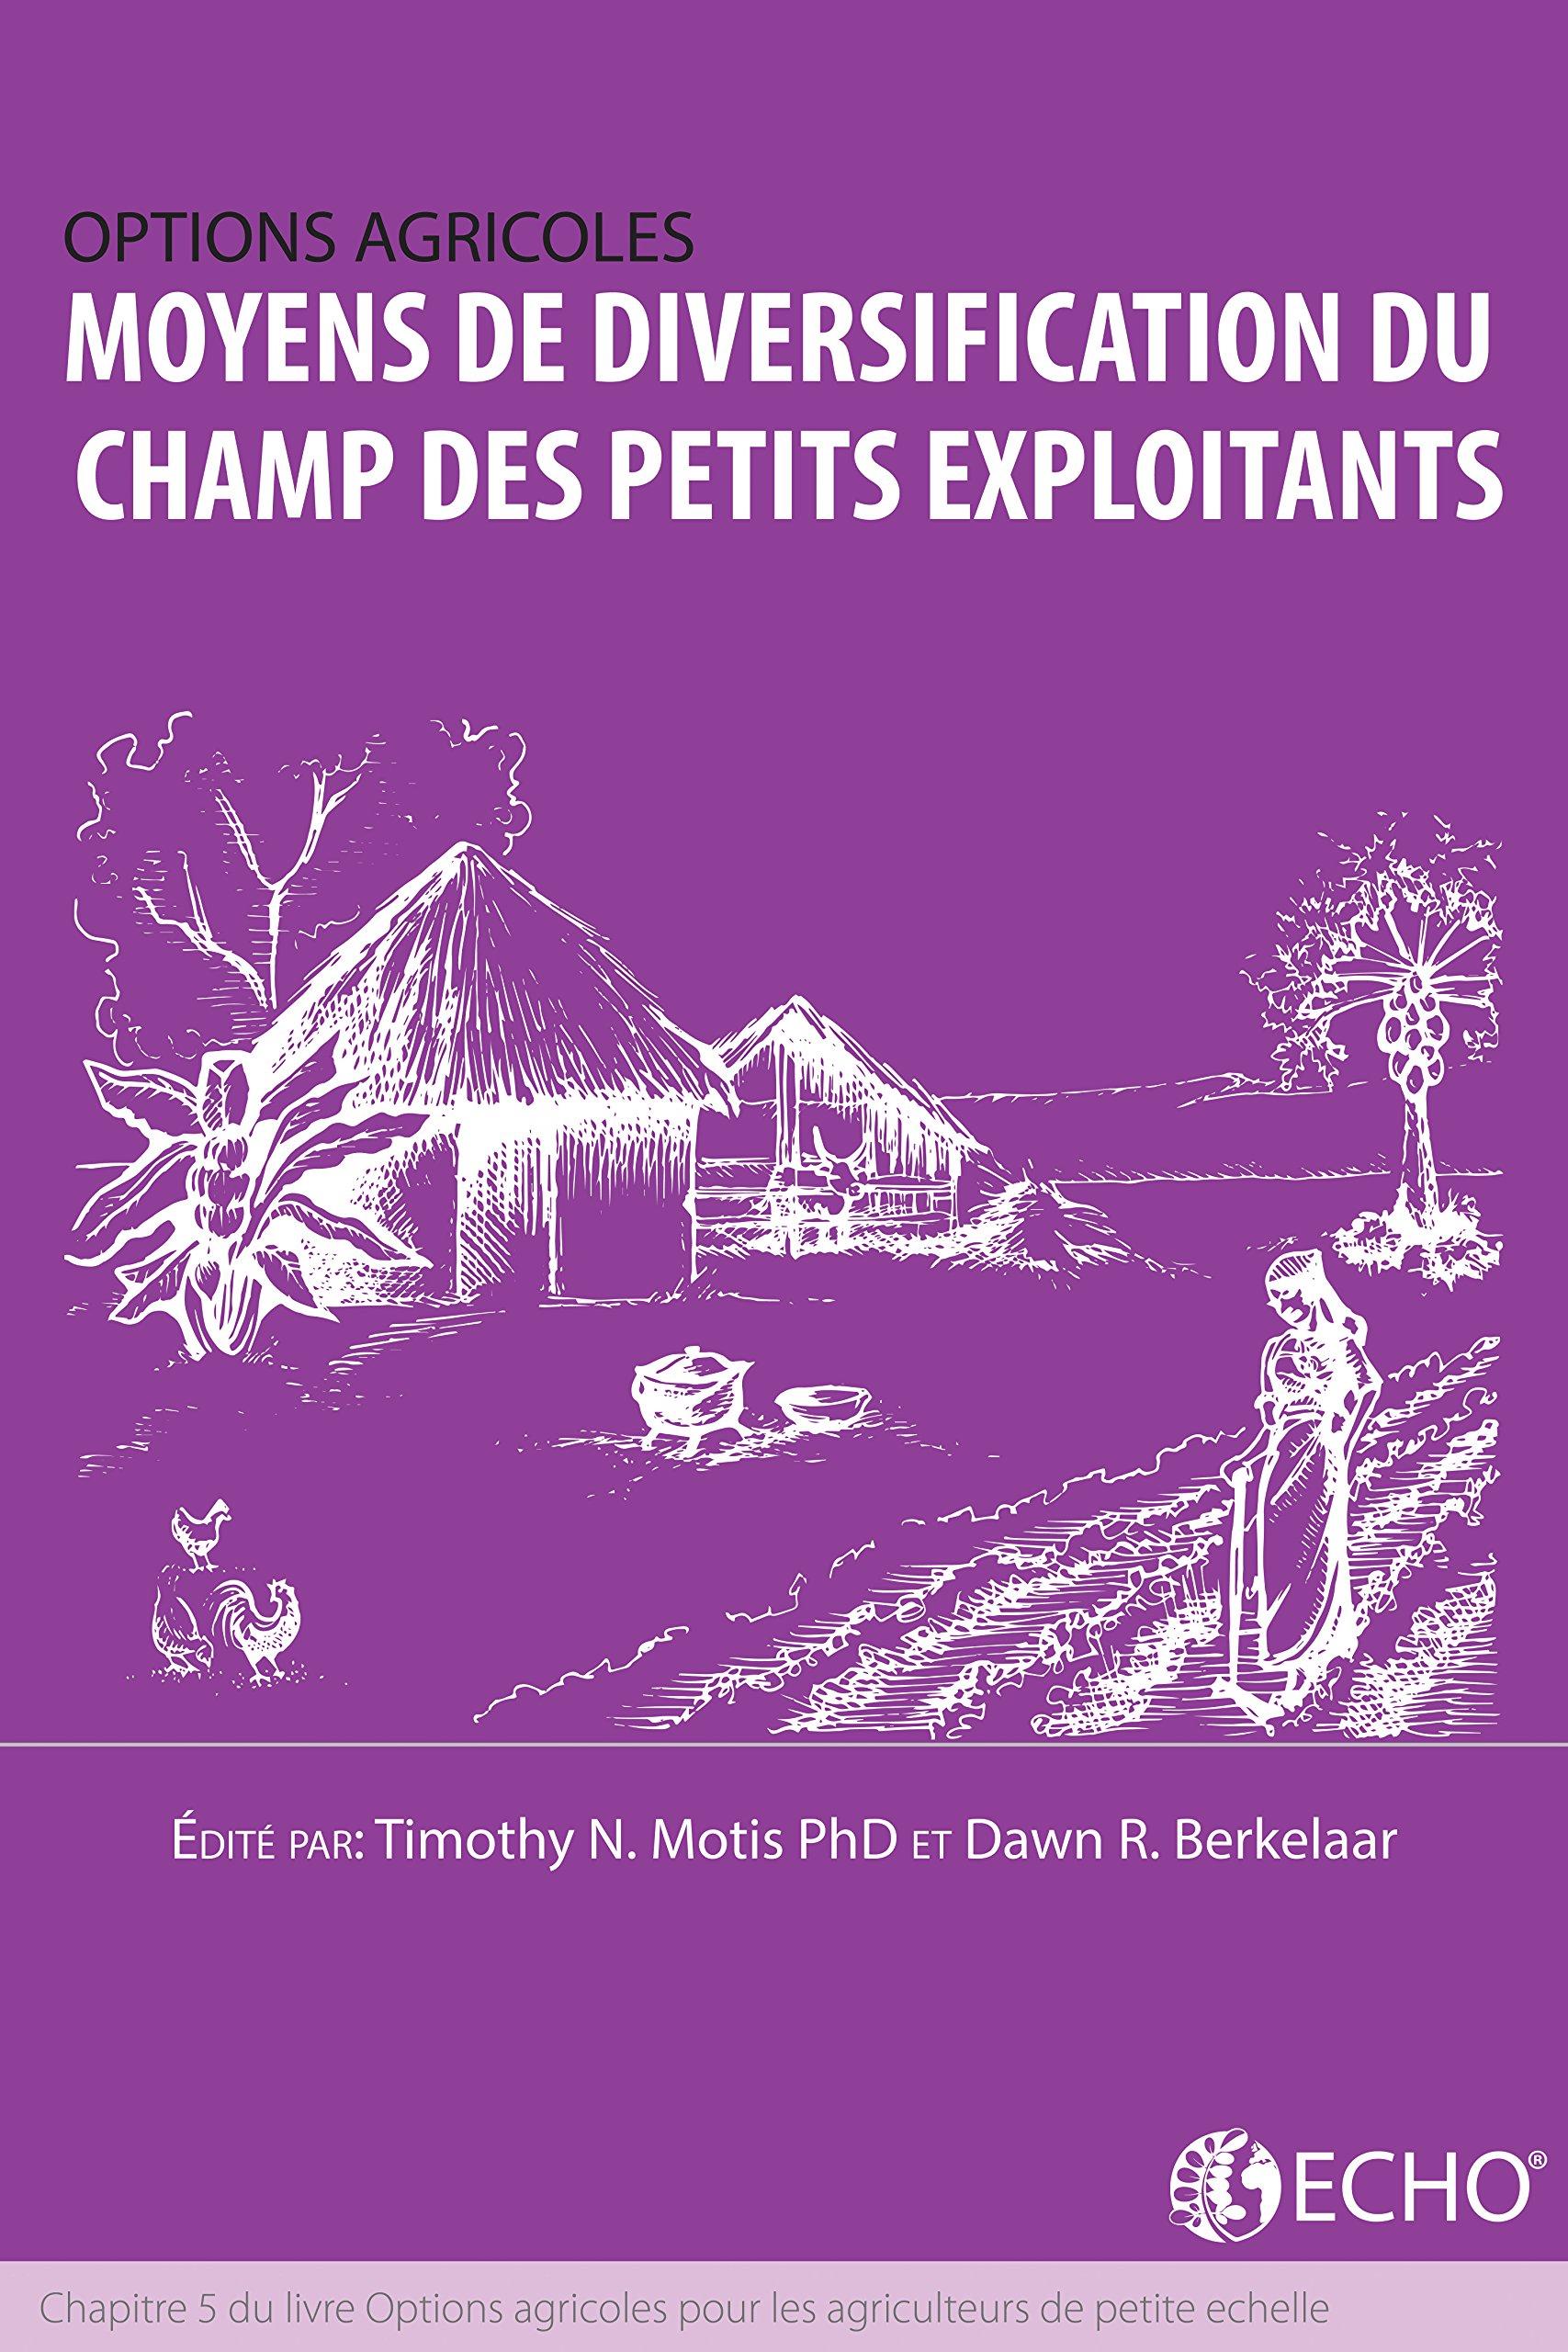 Moyens De Diversification Du Champ Des Petits Exploitants  Chapitre 5 Du Livre Options Agricoles Pour Les Agriculteurs De Petite Echelle  French Edition